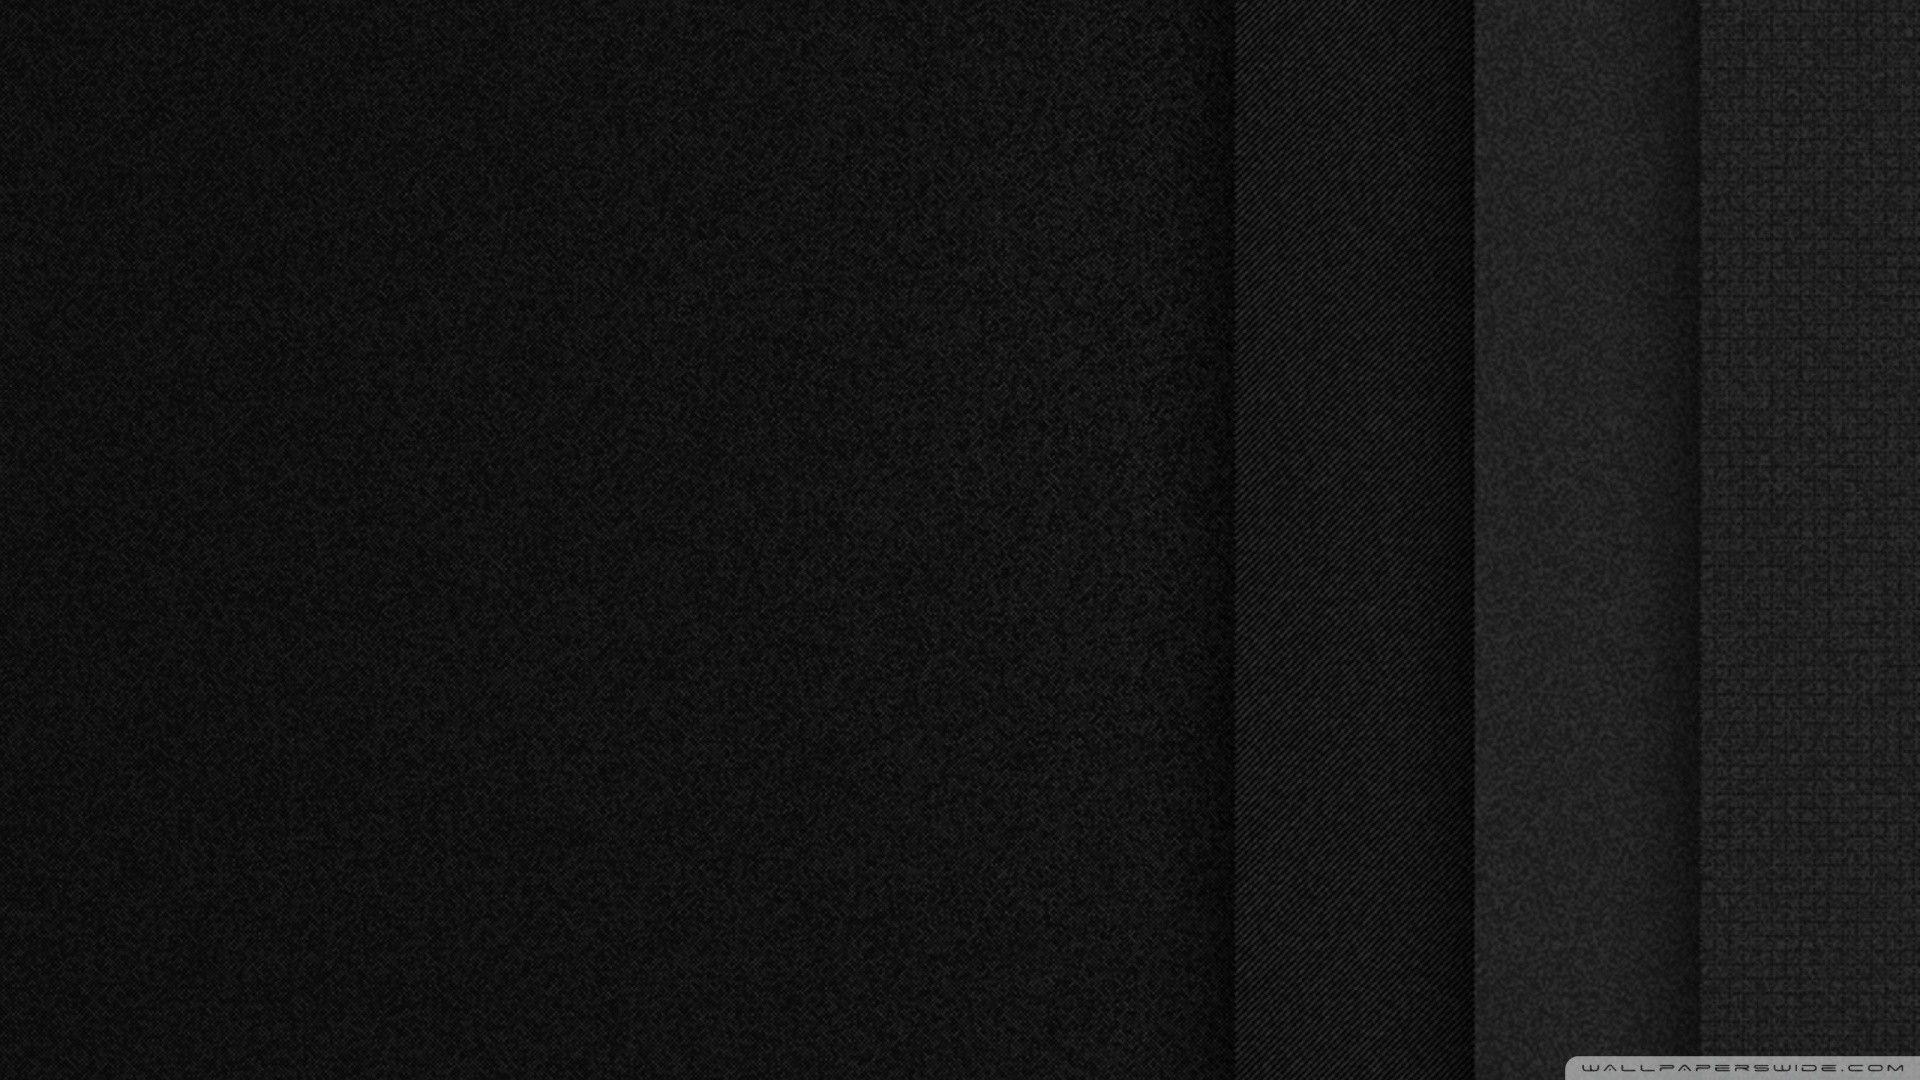 1920x1080 Black Hd Wallpaper 1920x1080 41 Wide Wallpaper Black Hd Wallpaper 1920x1080 41 Wide Black Hd Wallpaper Black Textured Wallpaper Textured Wallpaper